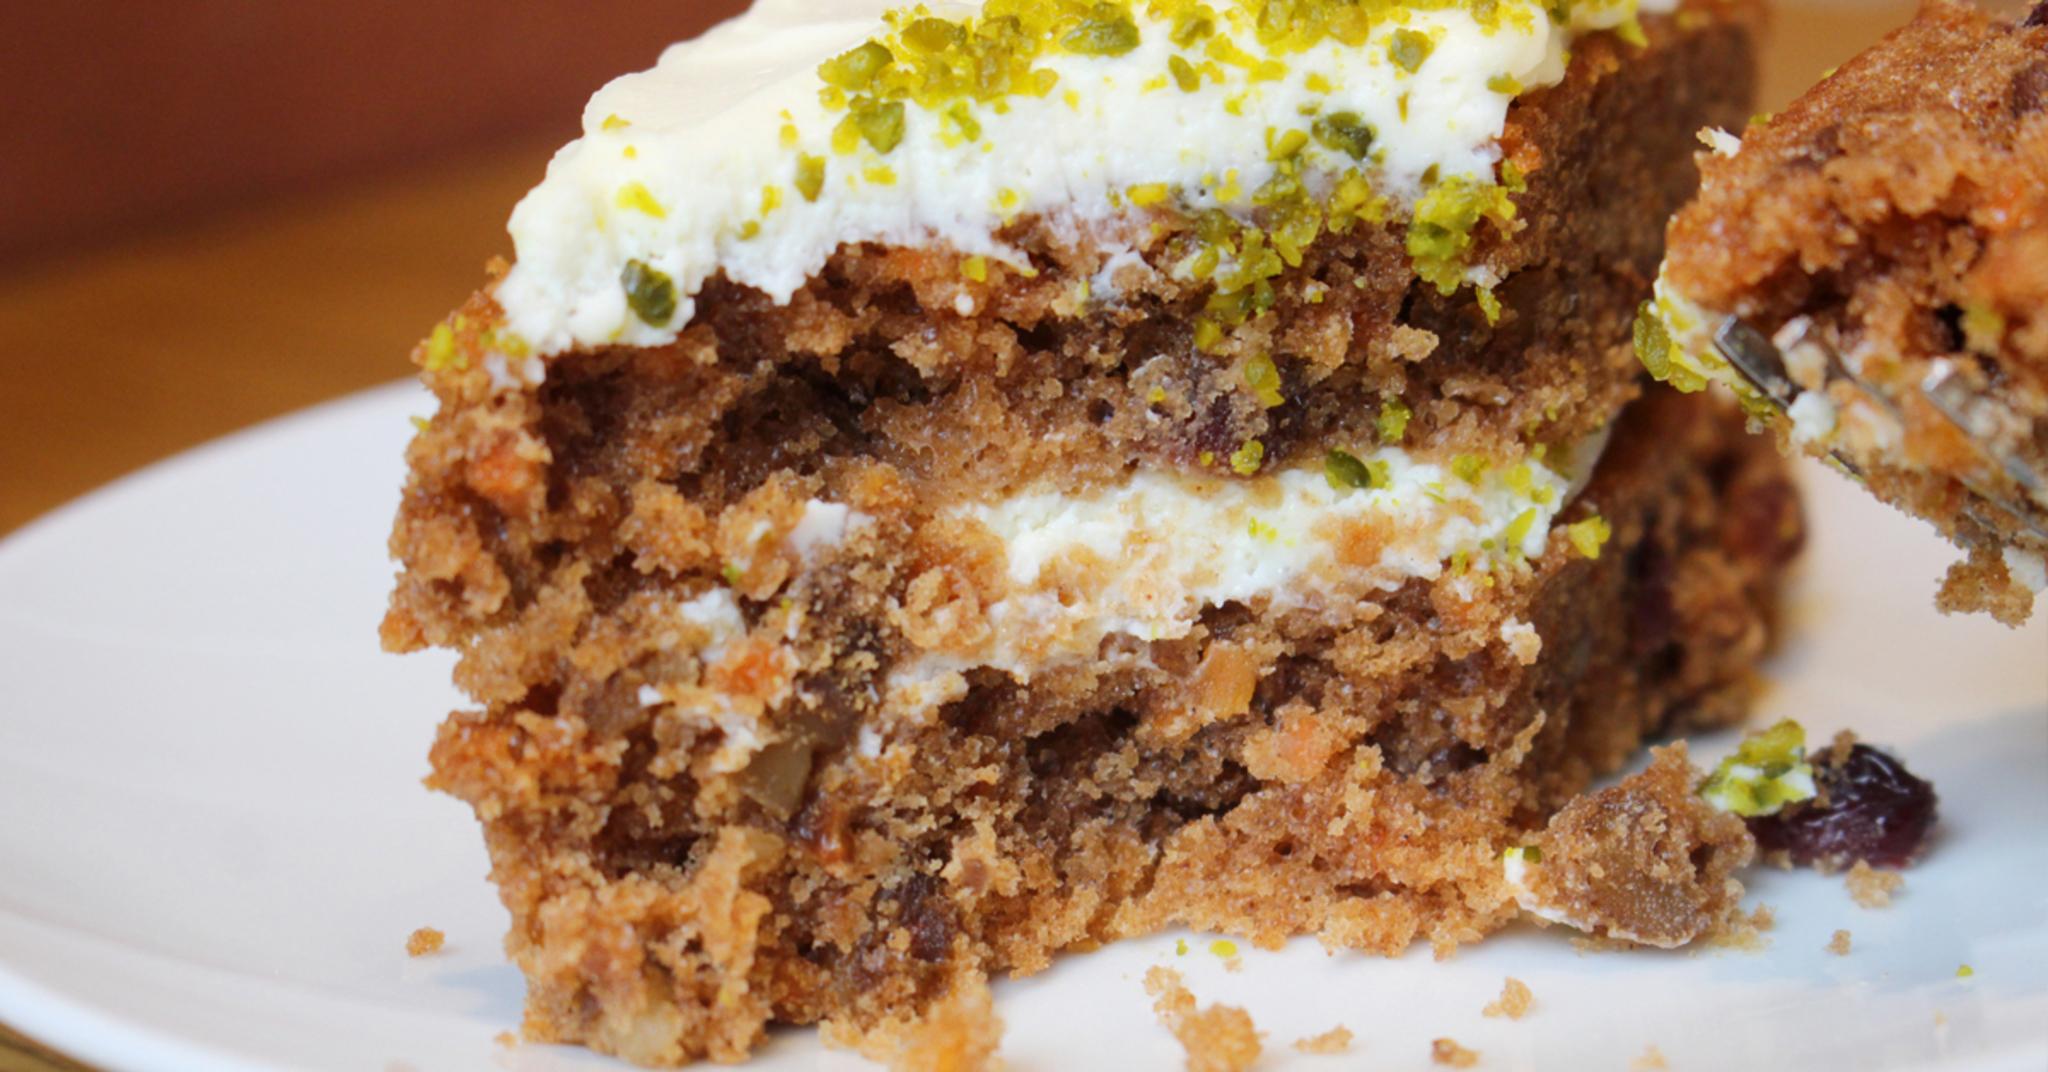 믿고 먹는 아티제 신상 메뉴 뽀개기 사진 - 제주 당근 케이크부터 찐한 말차팥프라페까지!